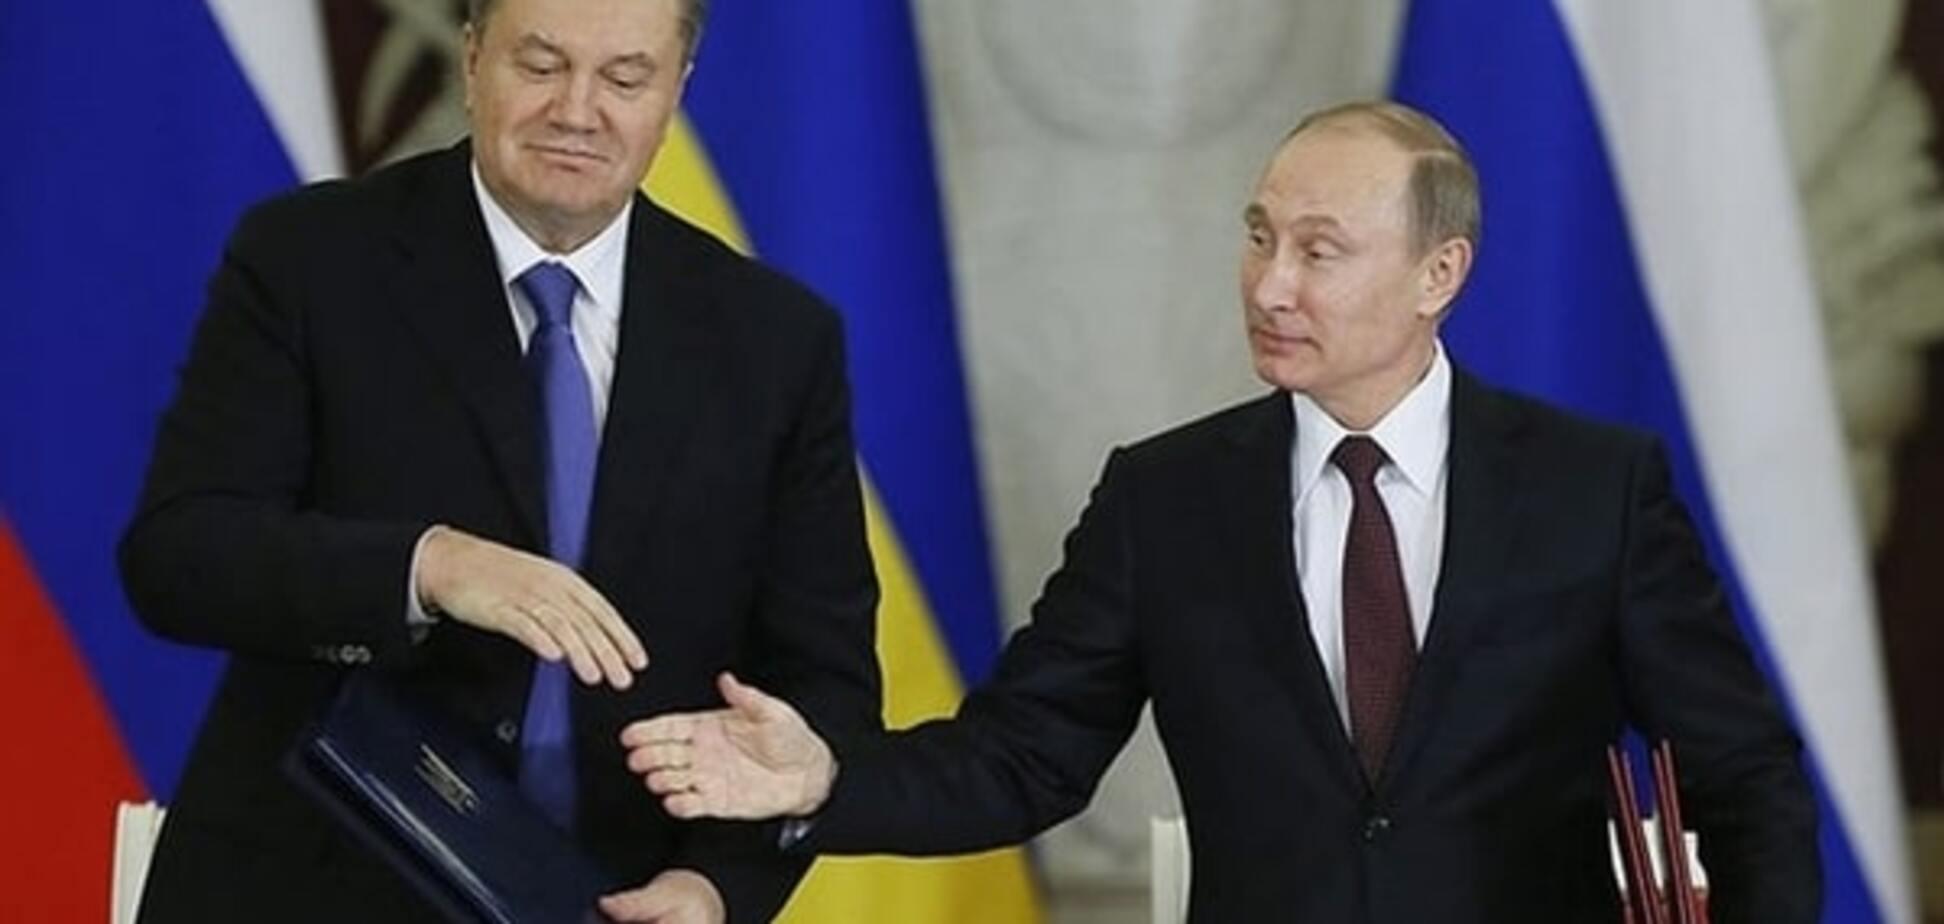 Без посредников: МВФ требует прямого диалога Киева и Москвы по долгу в $3 млрд